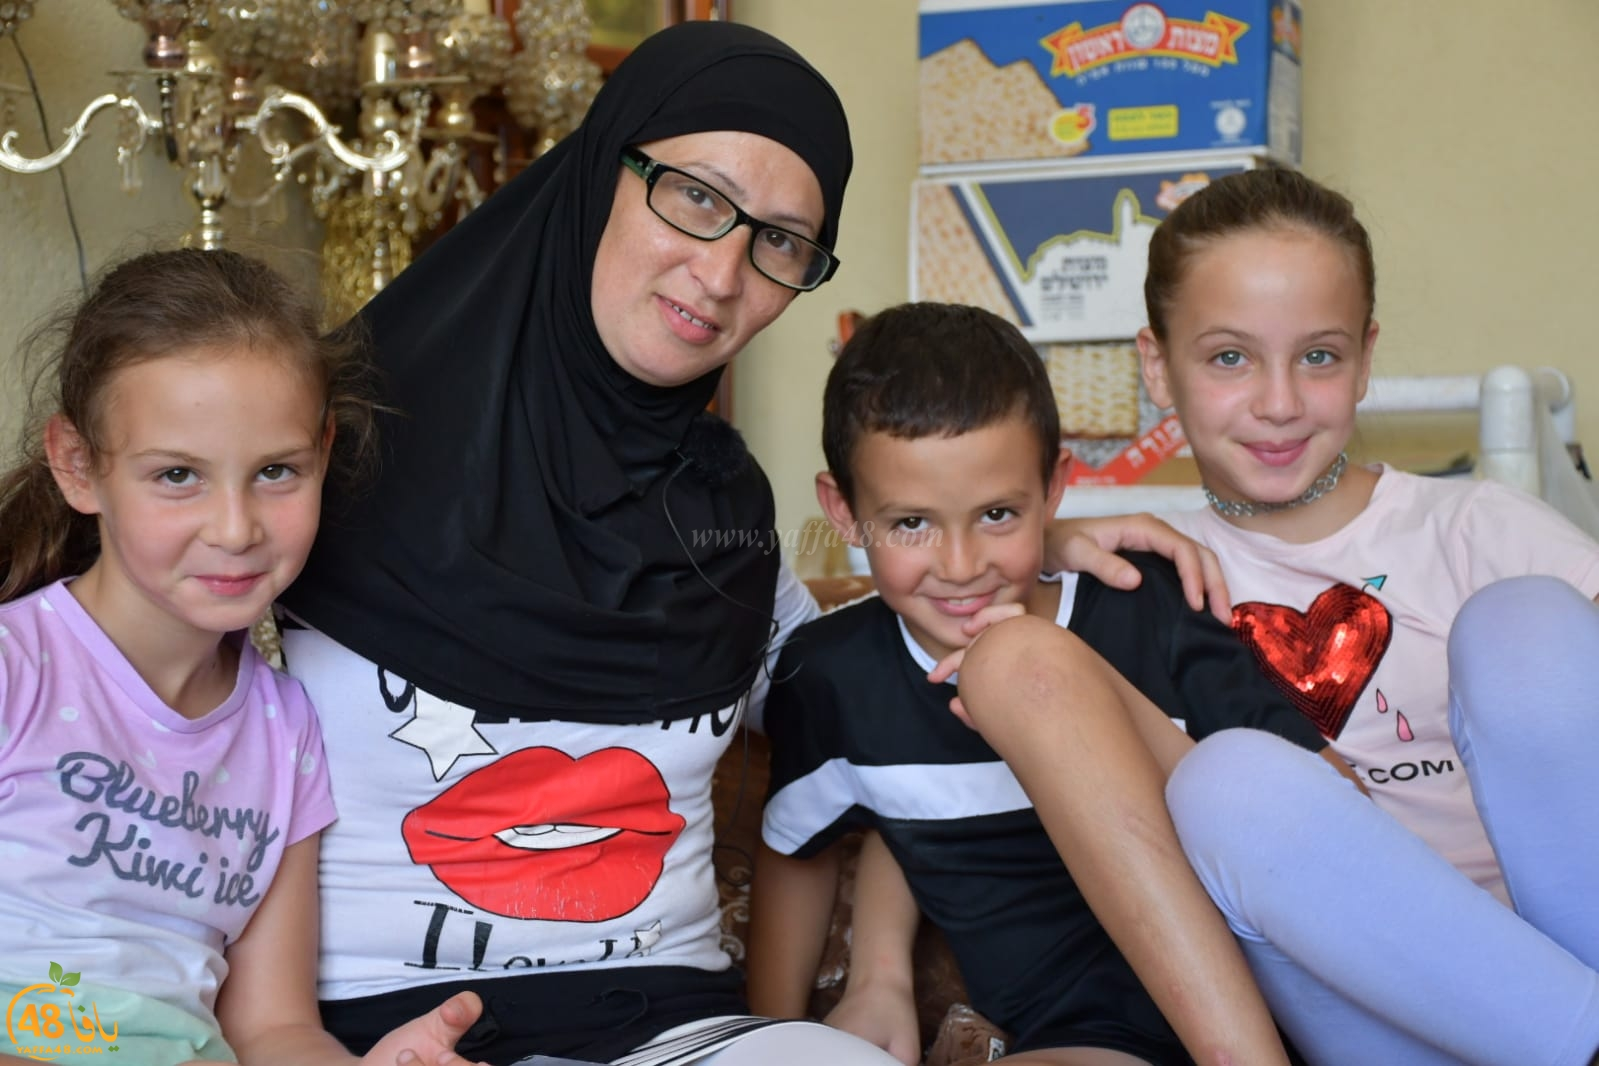 فيديو: استيقظوا أيها الآباء .. صرخة لانقاذ ملف التربية والتعليم في يافا